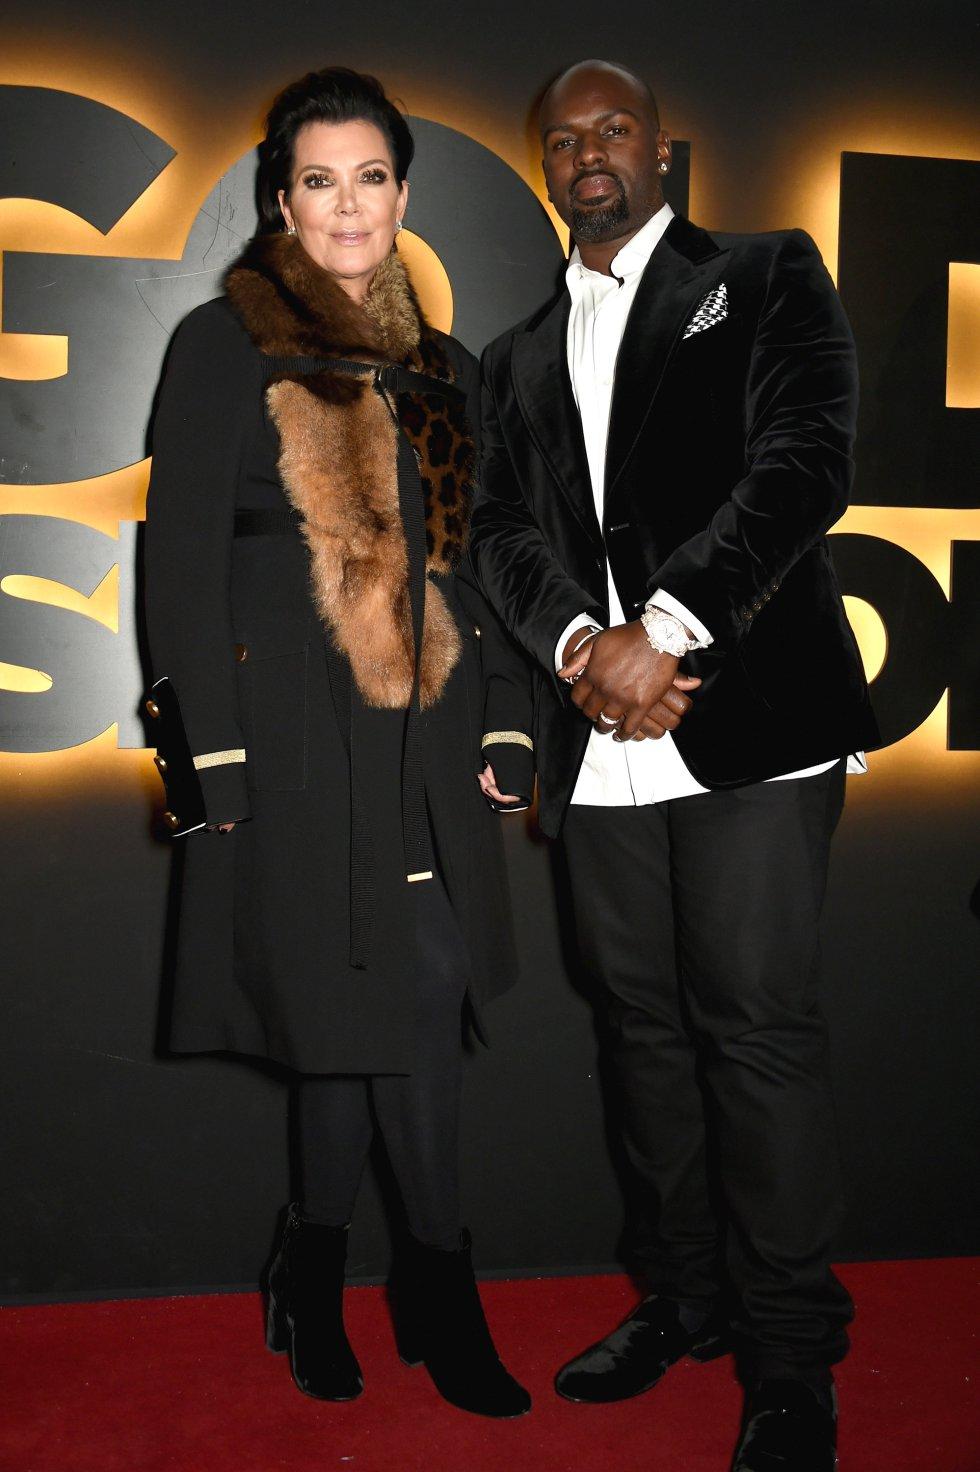 Por el momento, ningún miembro del clan Kardashian-Jenner se ha querido pronunciar al respecto sobre el supuesto fin del romance.